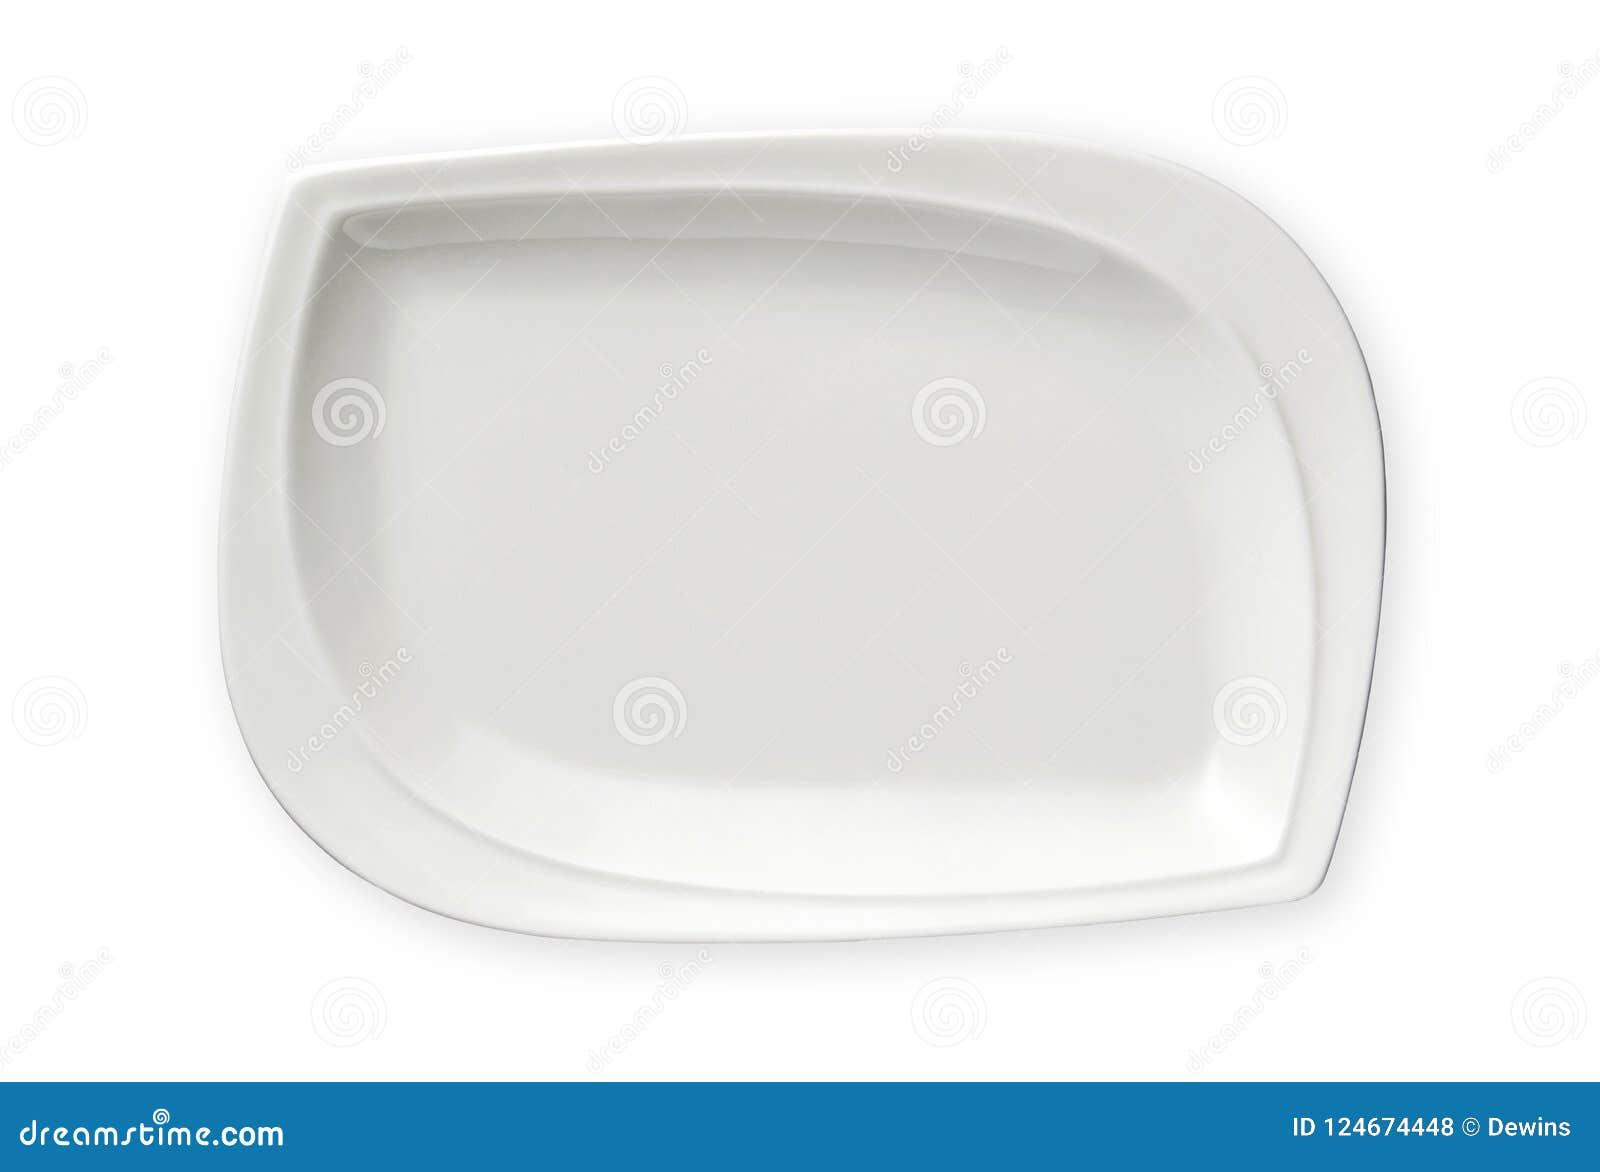 Leere rechteckige Platte, exotische weiße Platte, Ansicht von oben lokalisiert auf weißem Hintergrund mit Beschneidungspfad